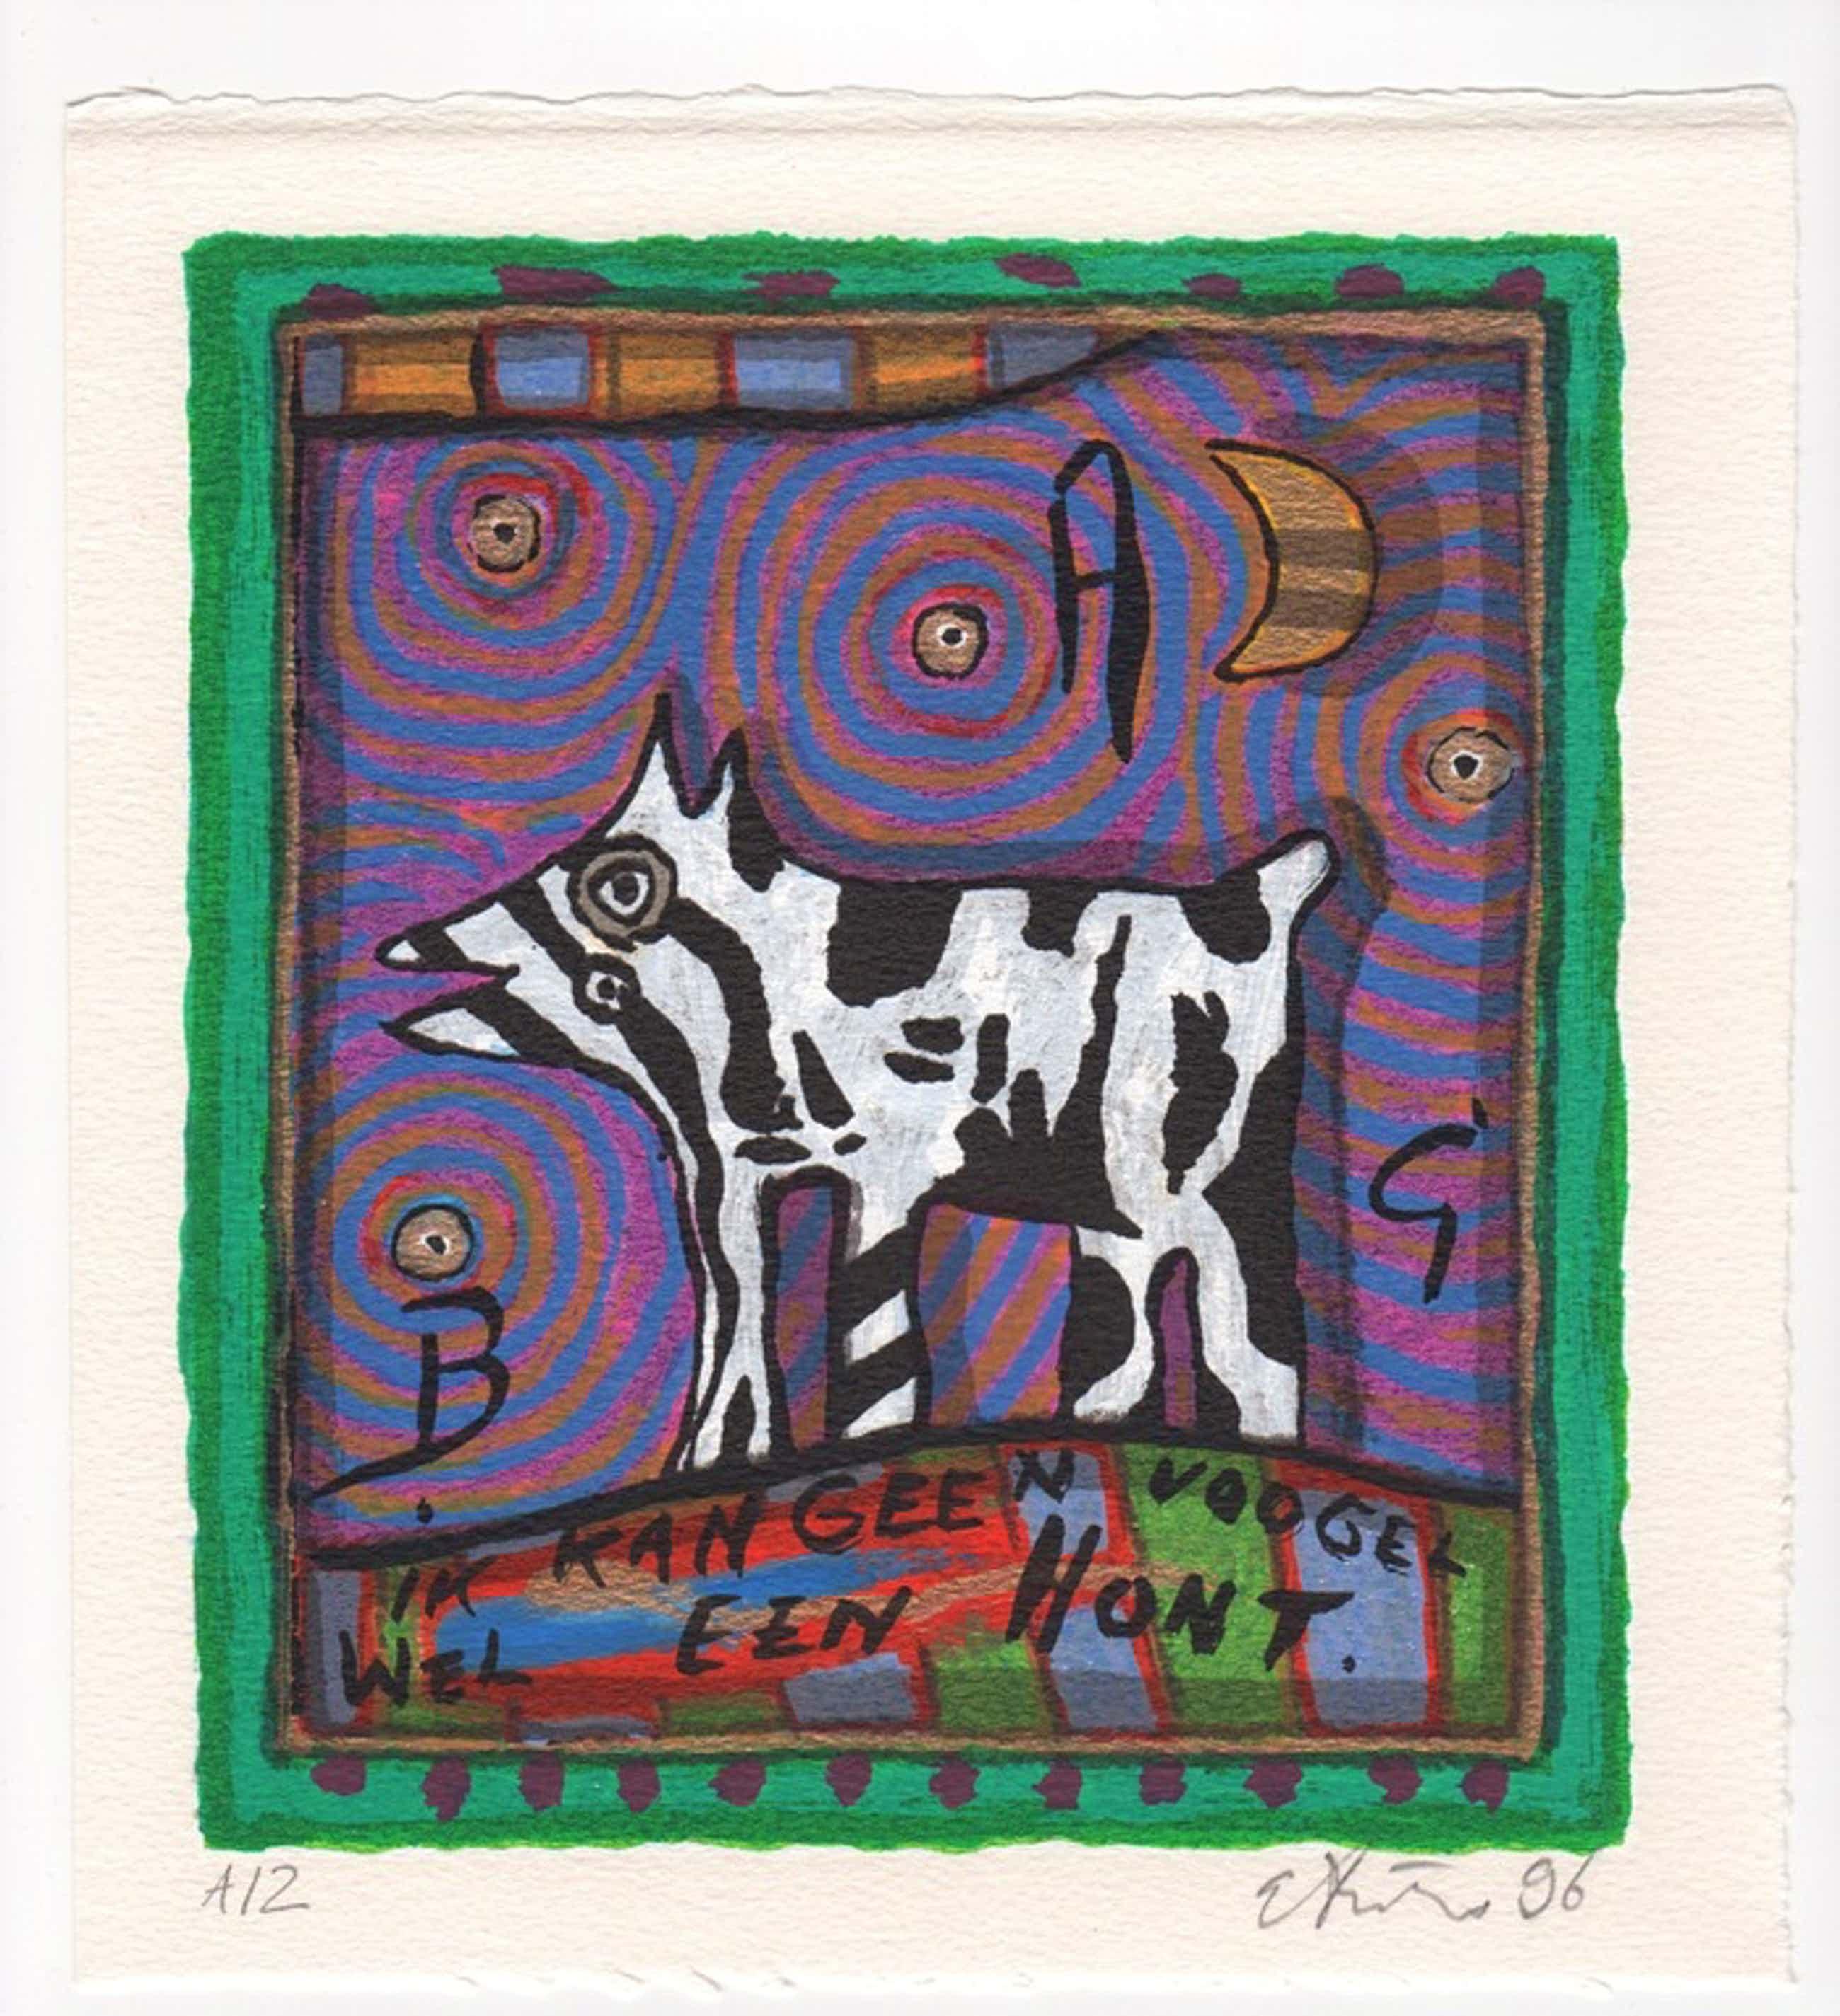 Eric Toebosch - Eric Toebosch, zeefdruk, 'Ik kan geen voogel, wel een hont', 1996 kopen? Bied vanaf 49!